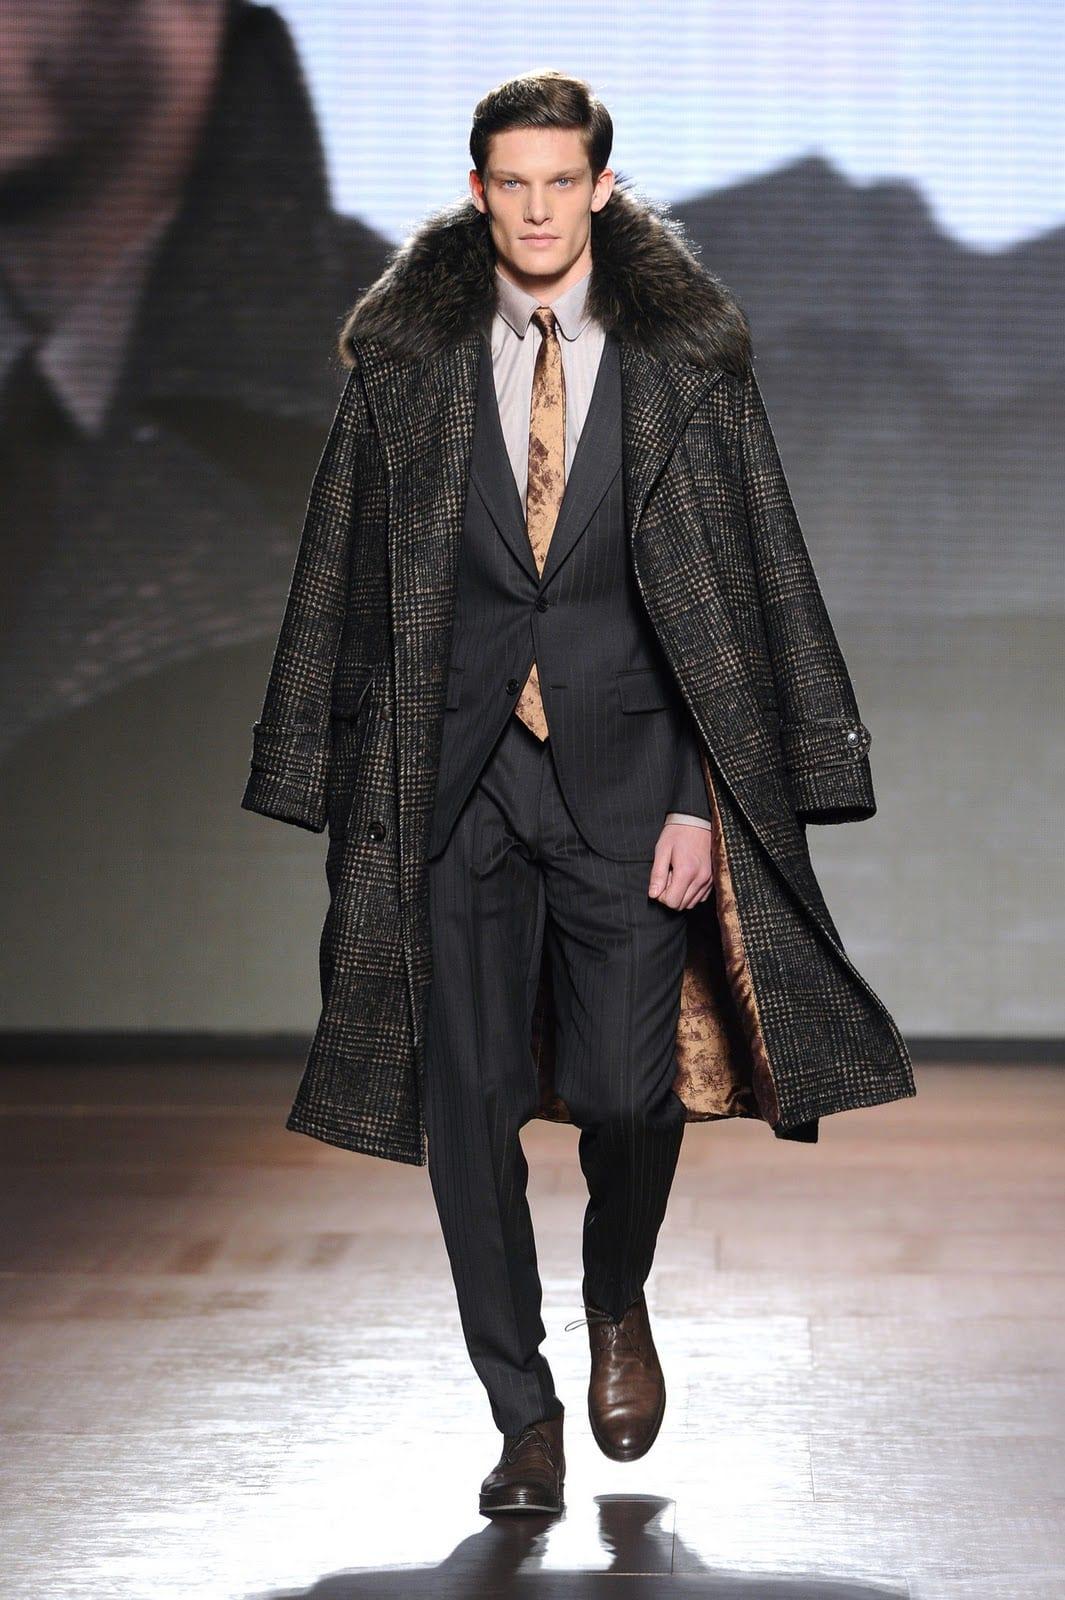 Estremamente Moda uomo anni '50: come vestirsi - VelvetMag IL69